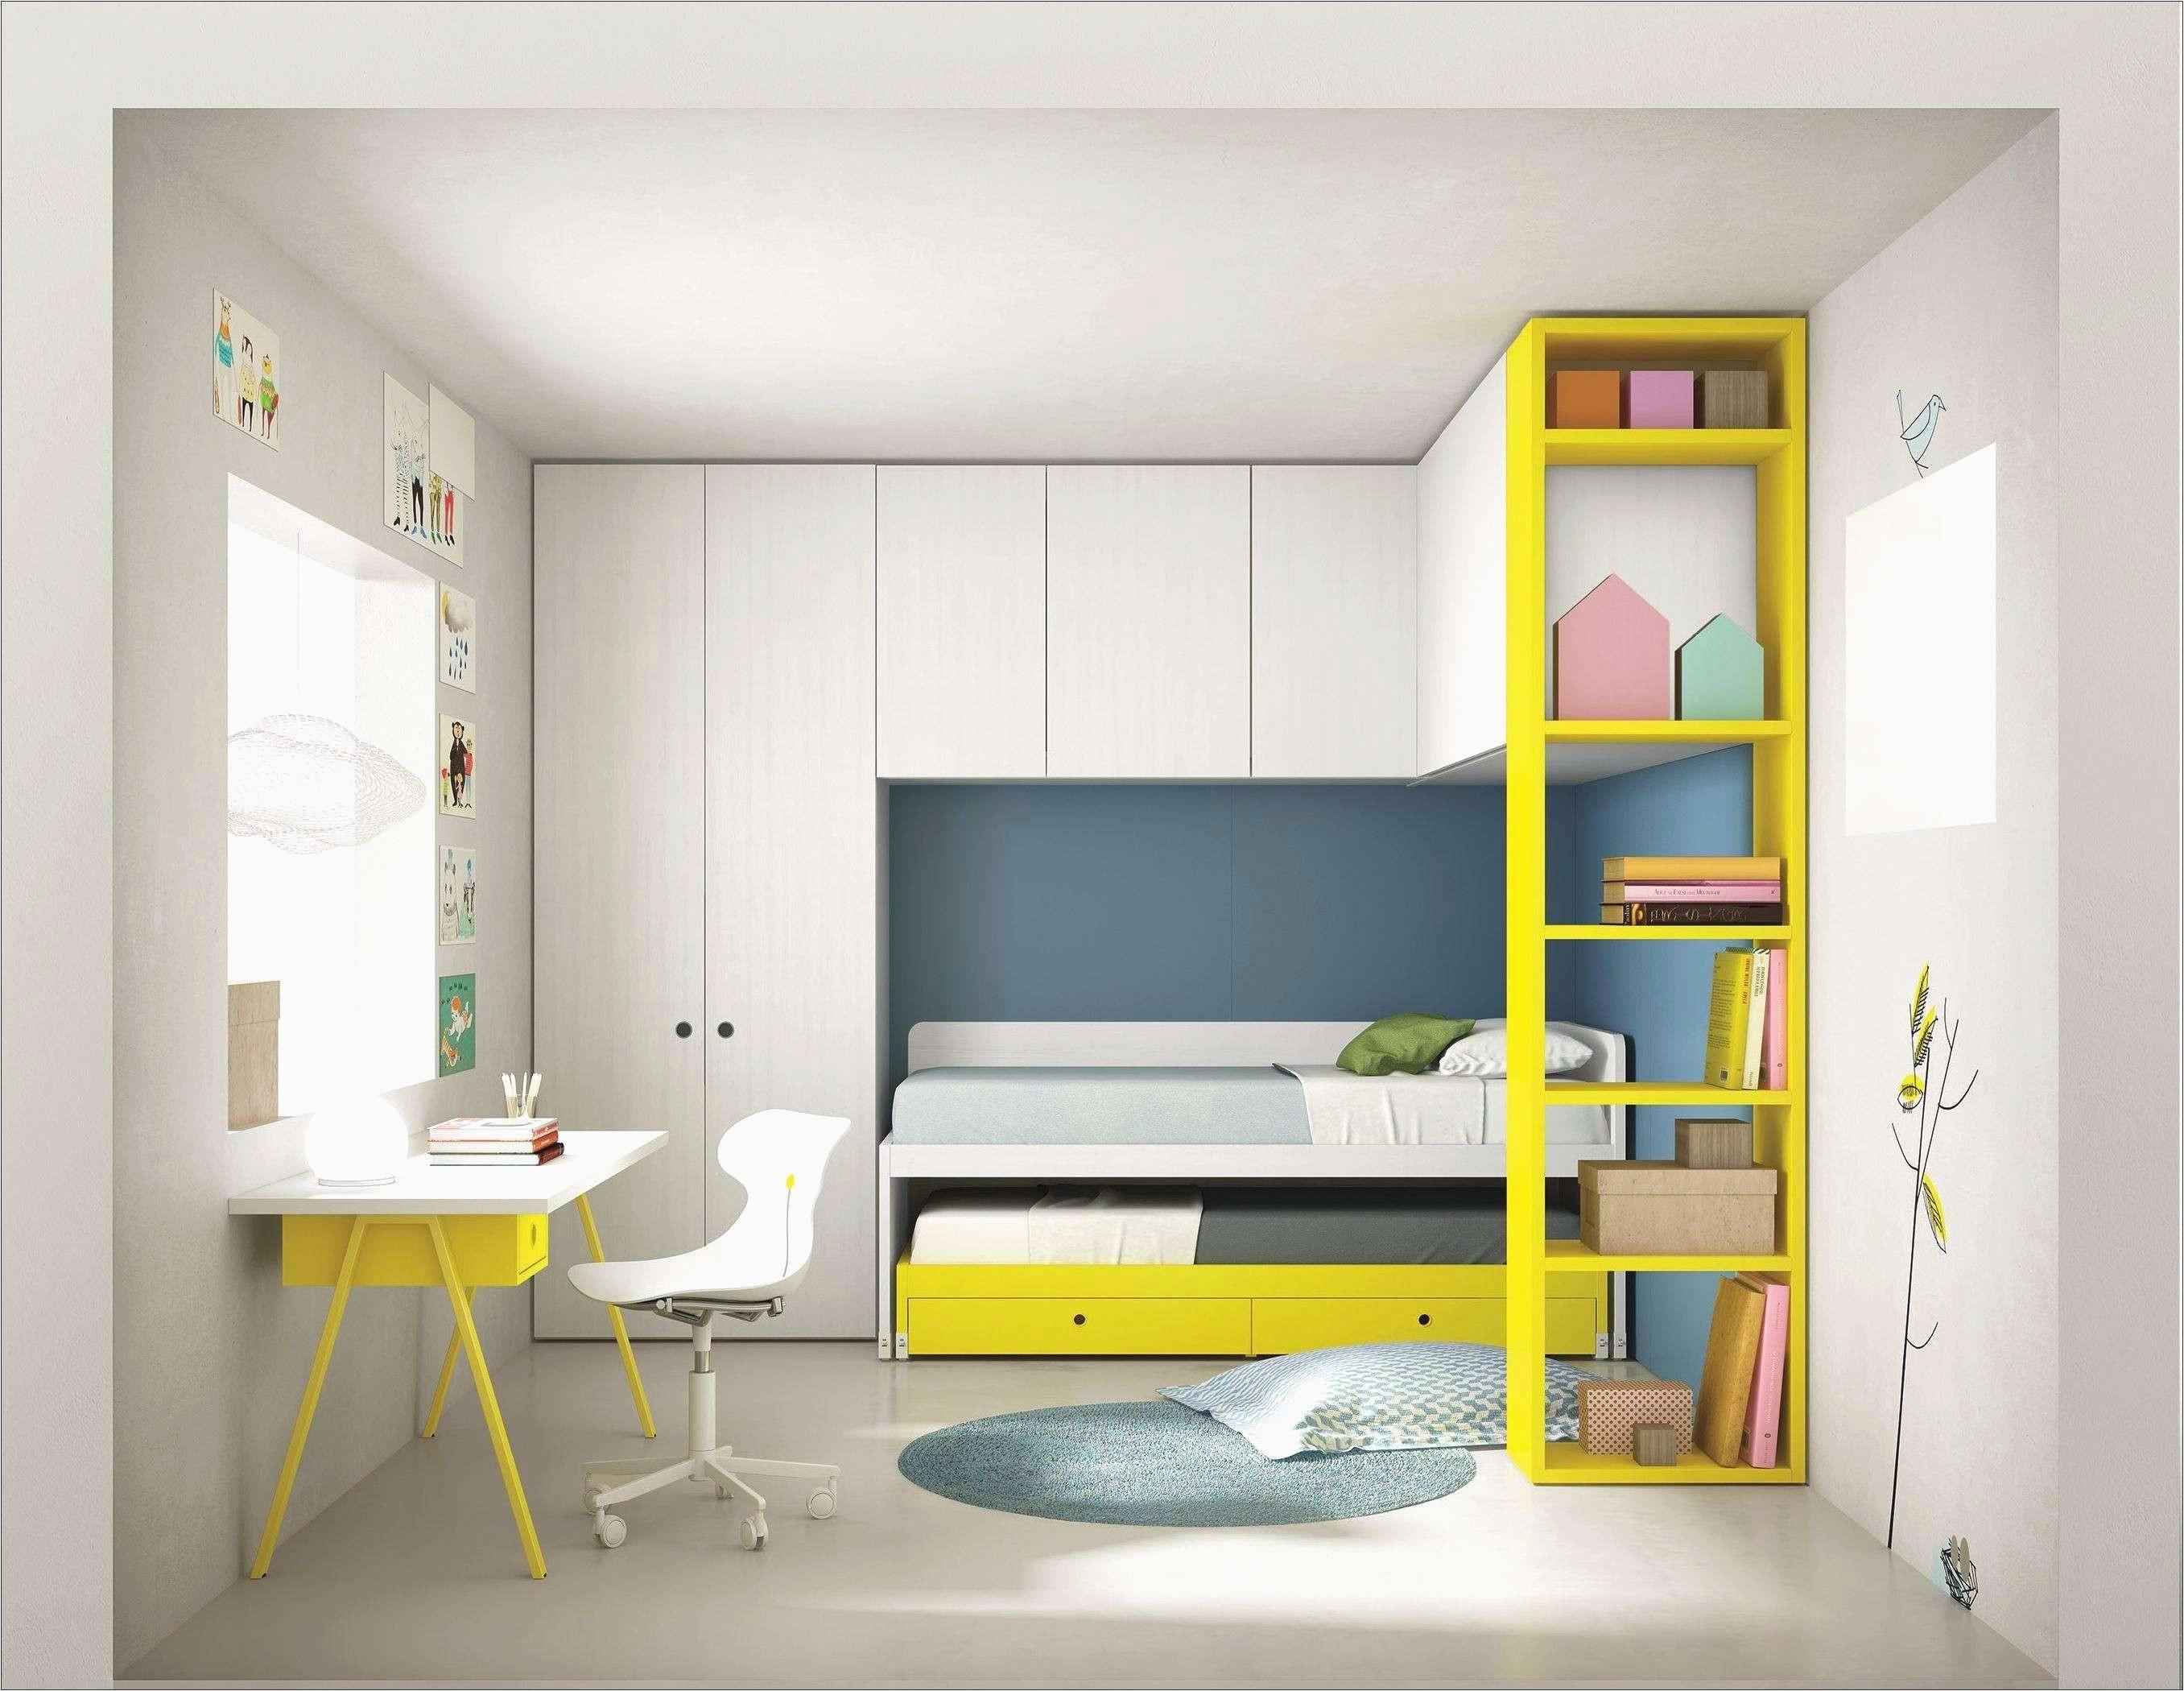 bedroom furniture phoenix inspirational bedroom furniture phoenix fresh badcock store 0d archives home